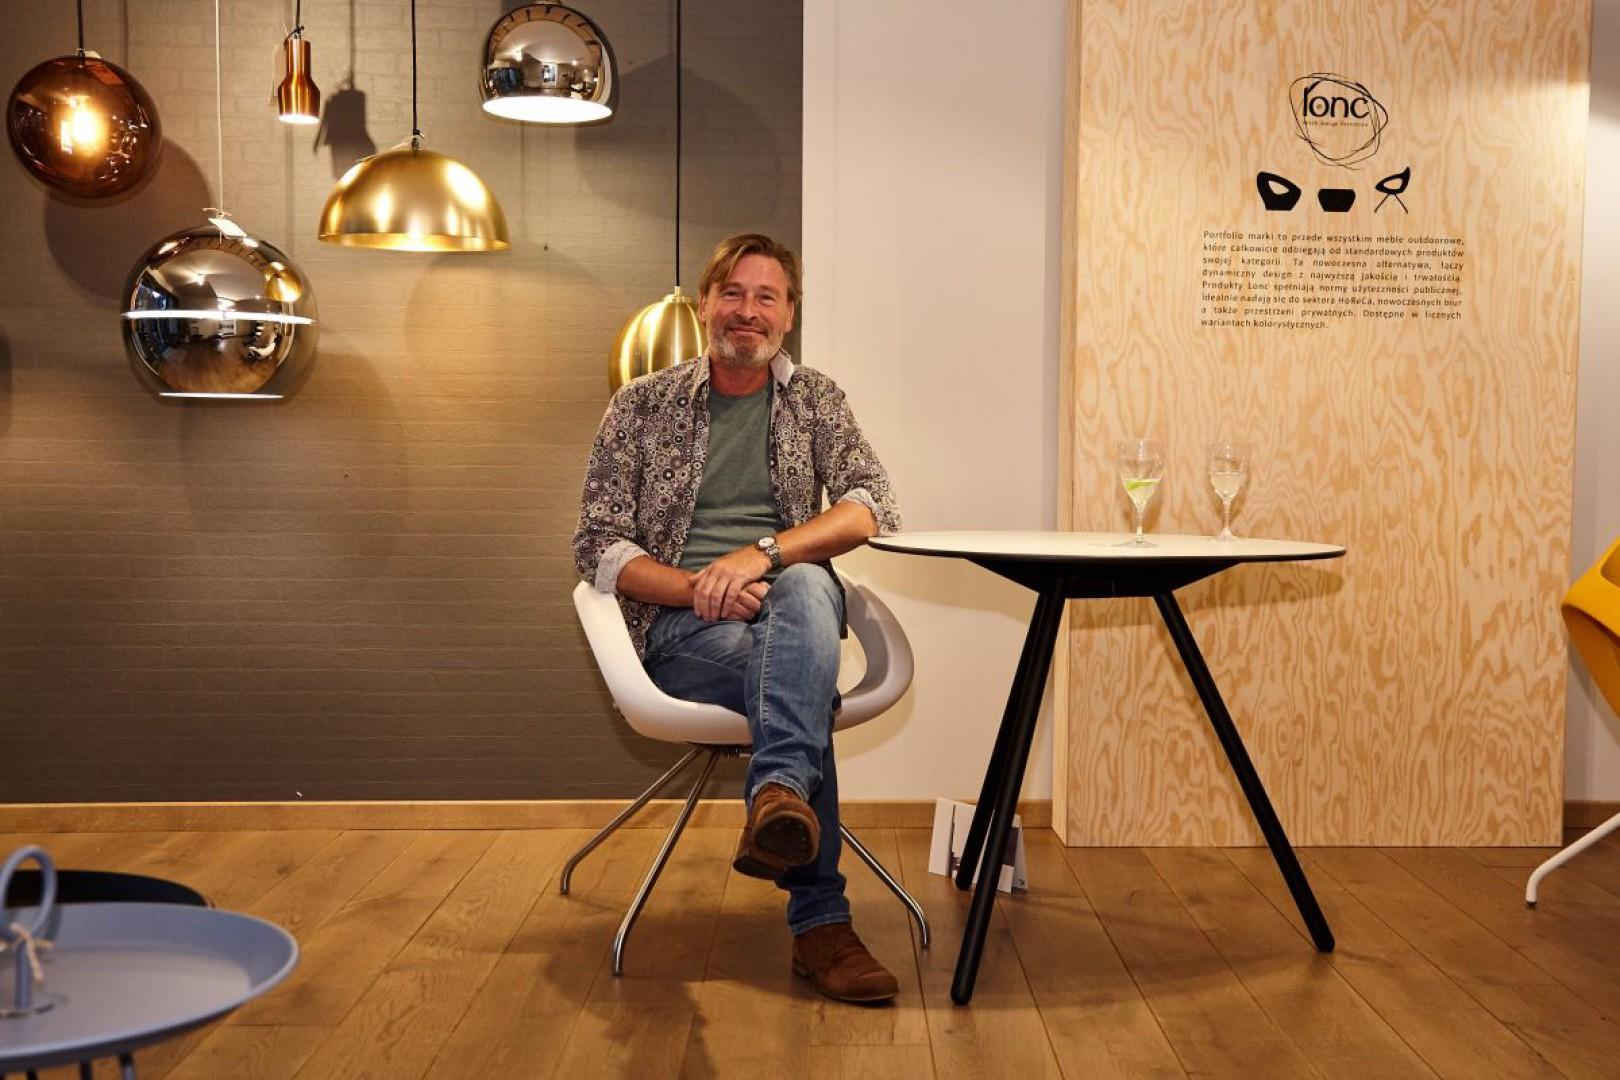 Elvin den Haan, twórca marki Lonc. Fot. BM Housing